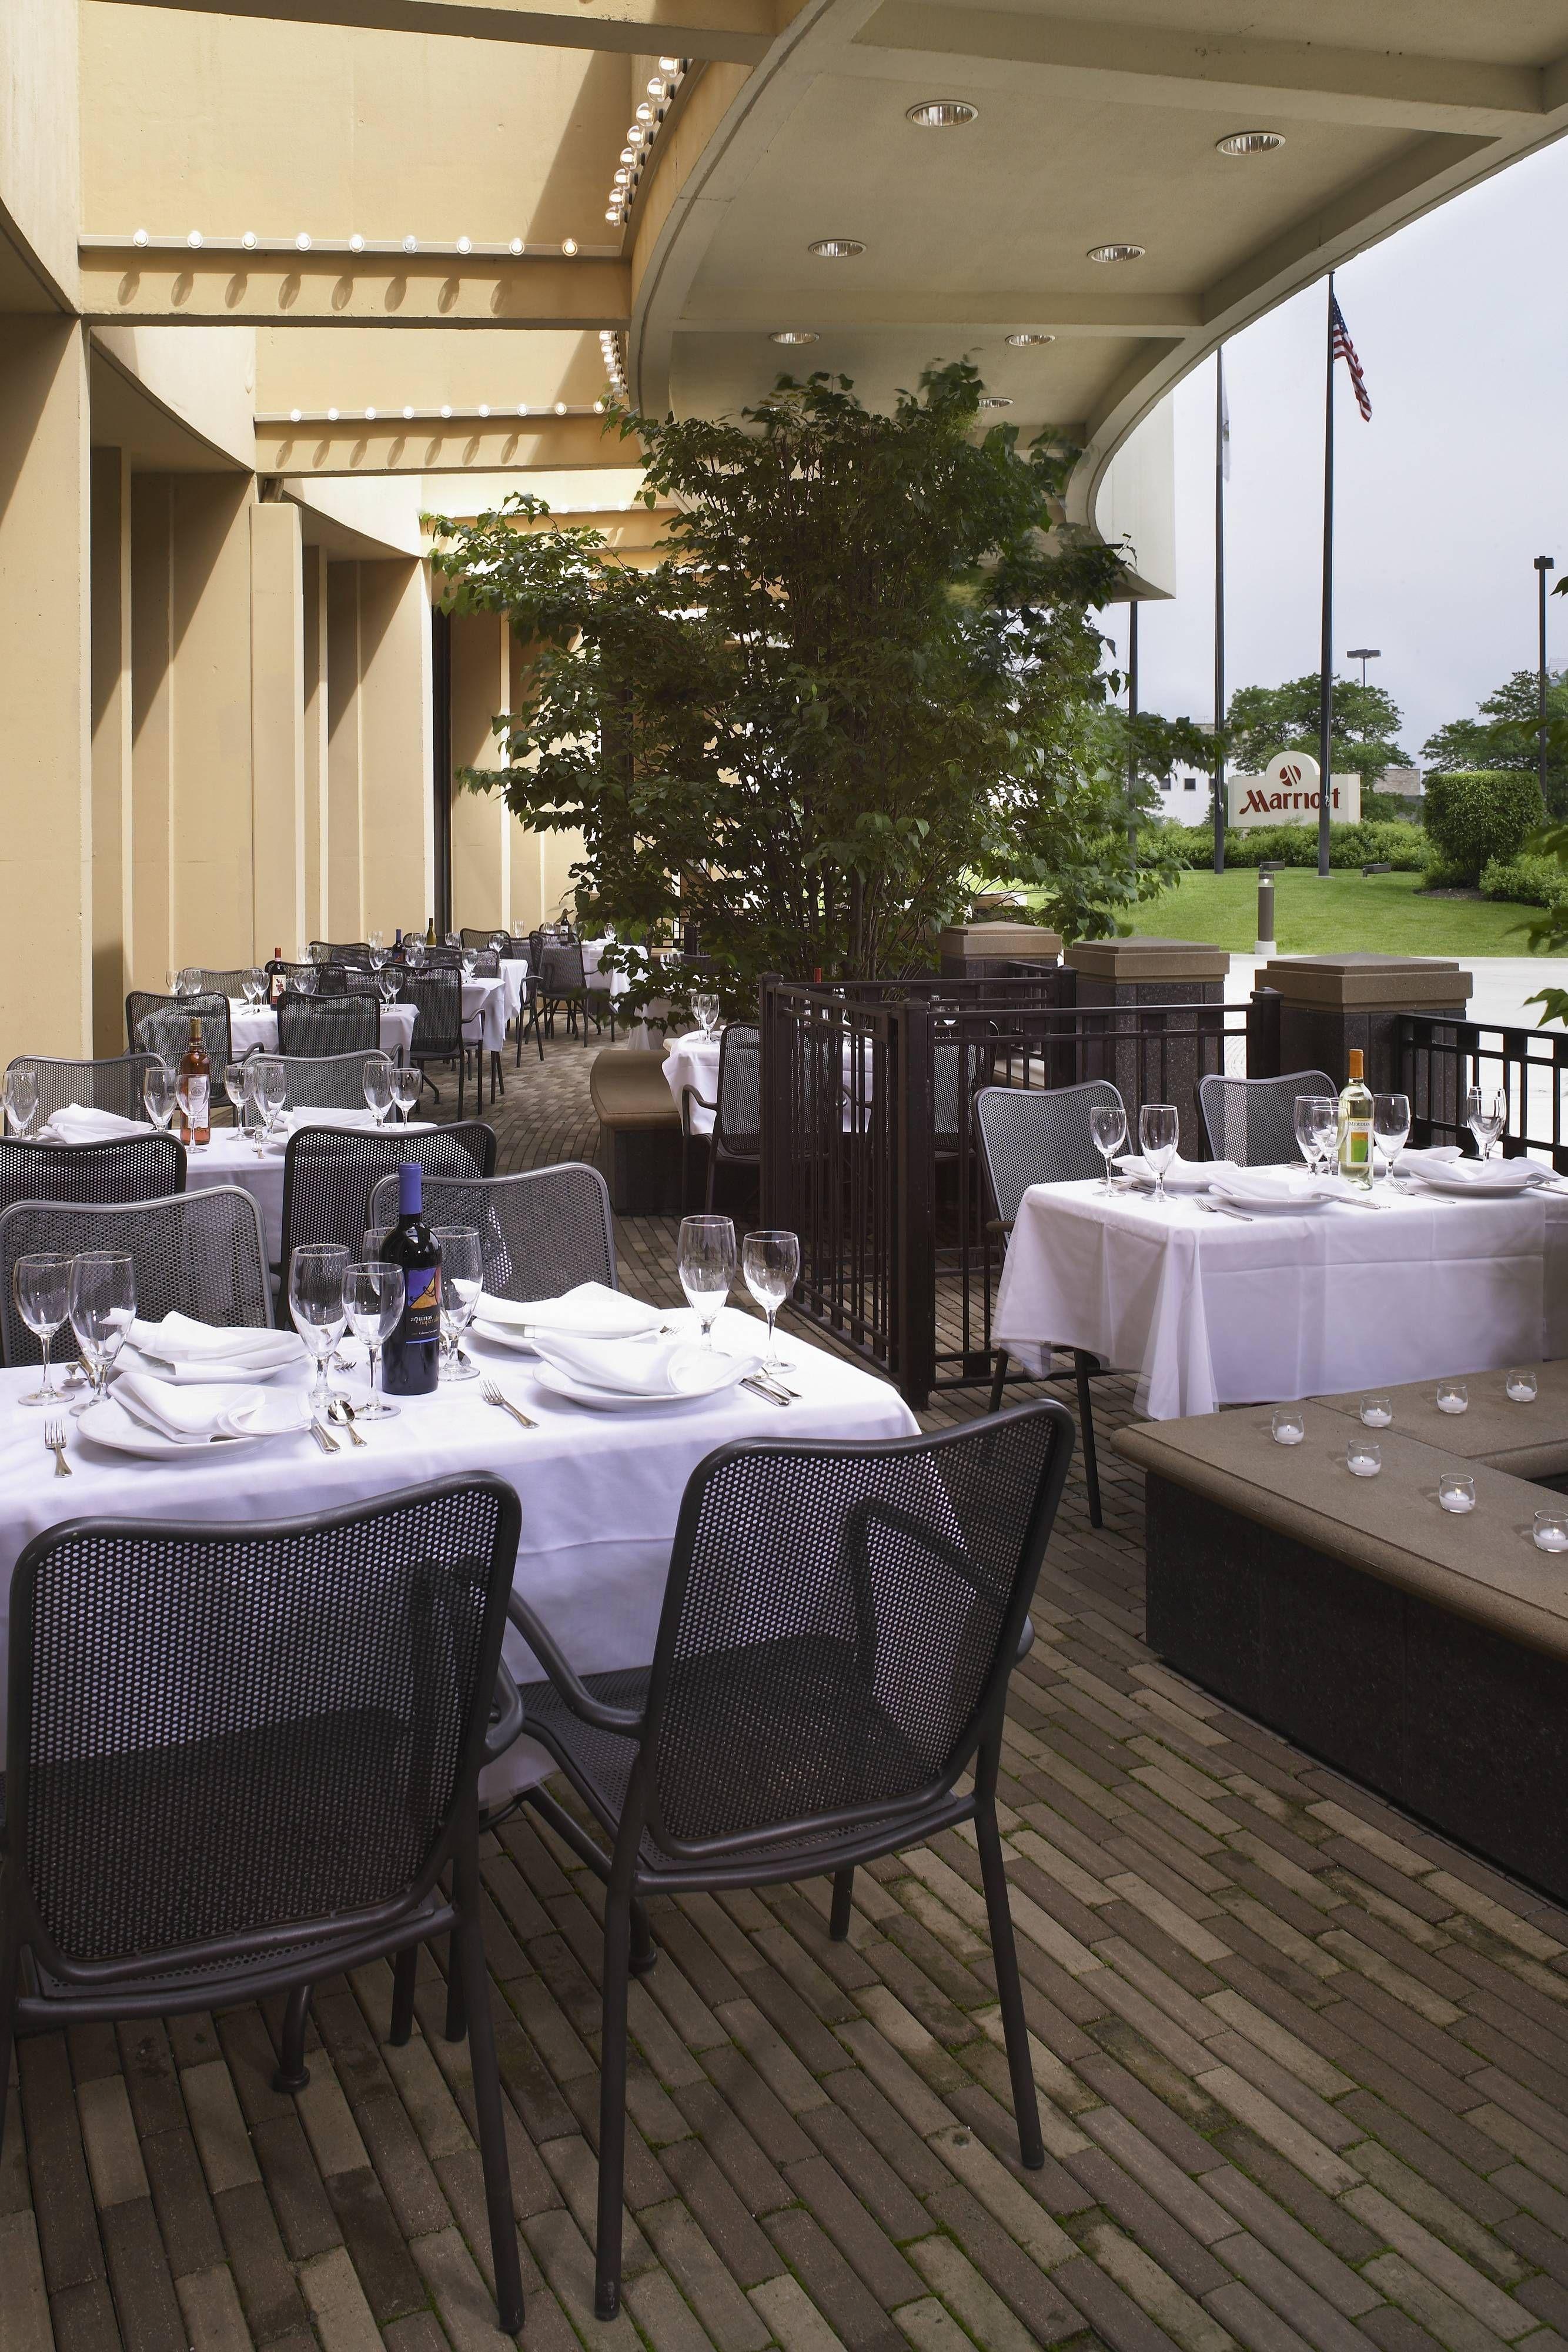 Chicago Marriott Oak Brook Outdoor Patio Dining